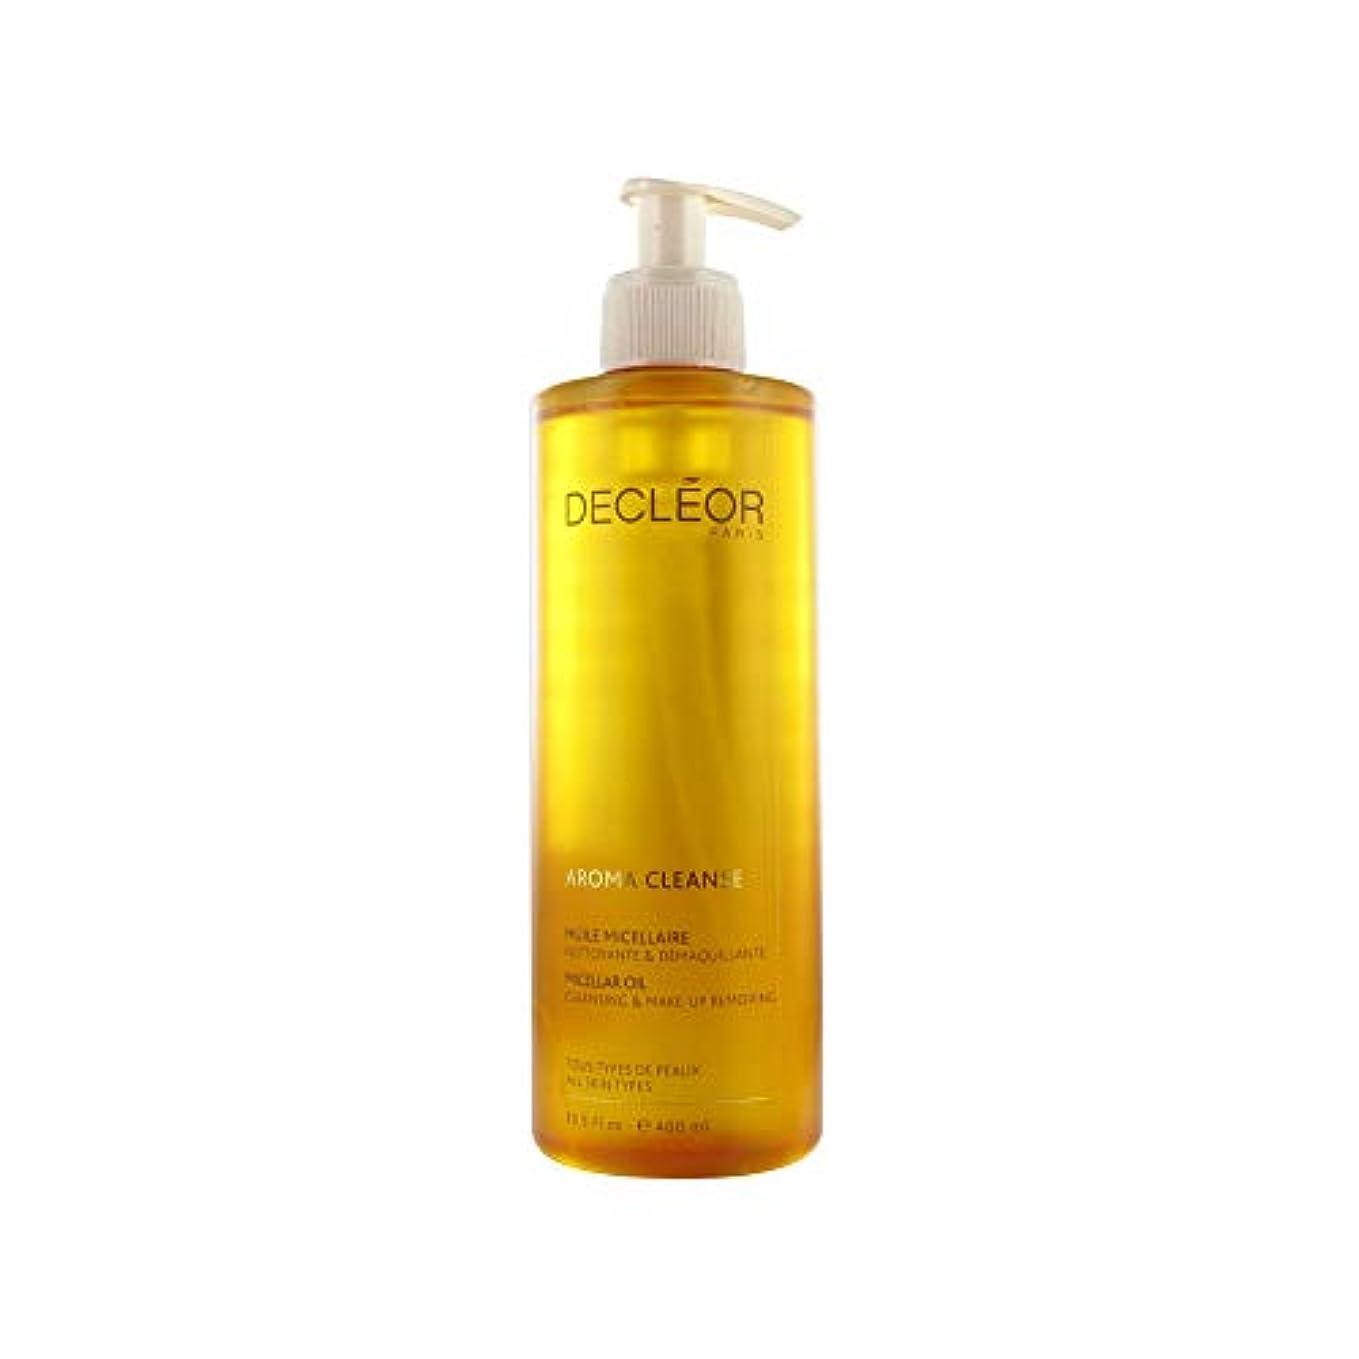 ビット夢病気だと思うデクレオール Aroma Cleanse Micellar Oil (Salon Size) 400ml/13.5oz並行輸入品